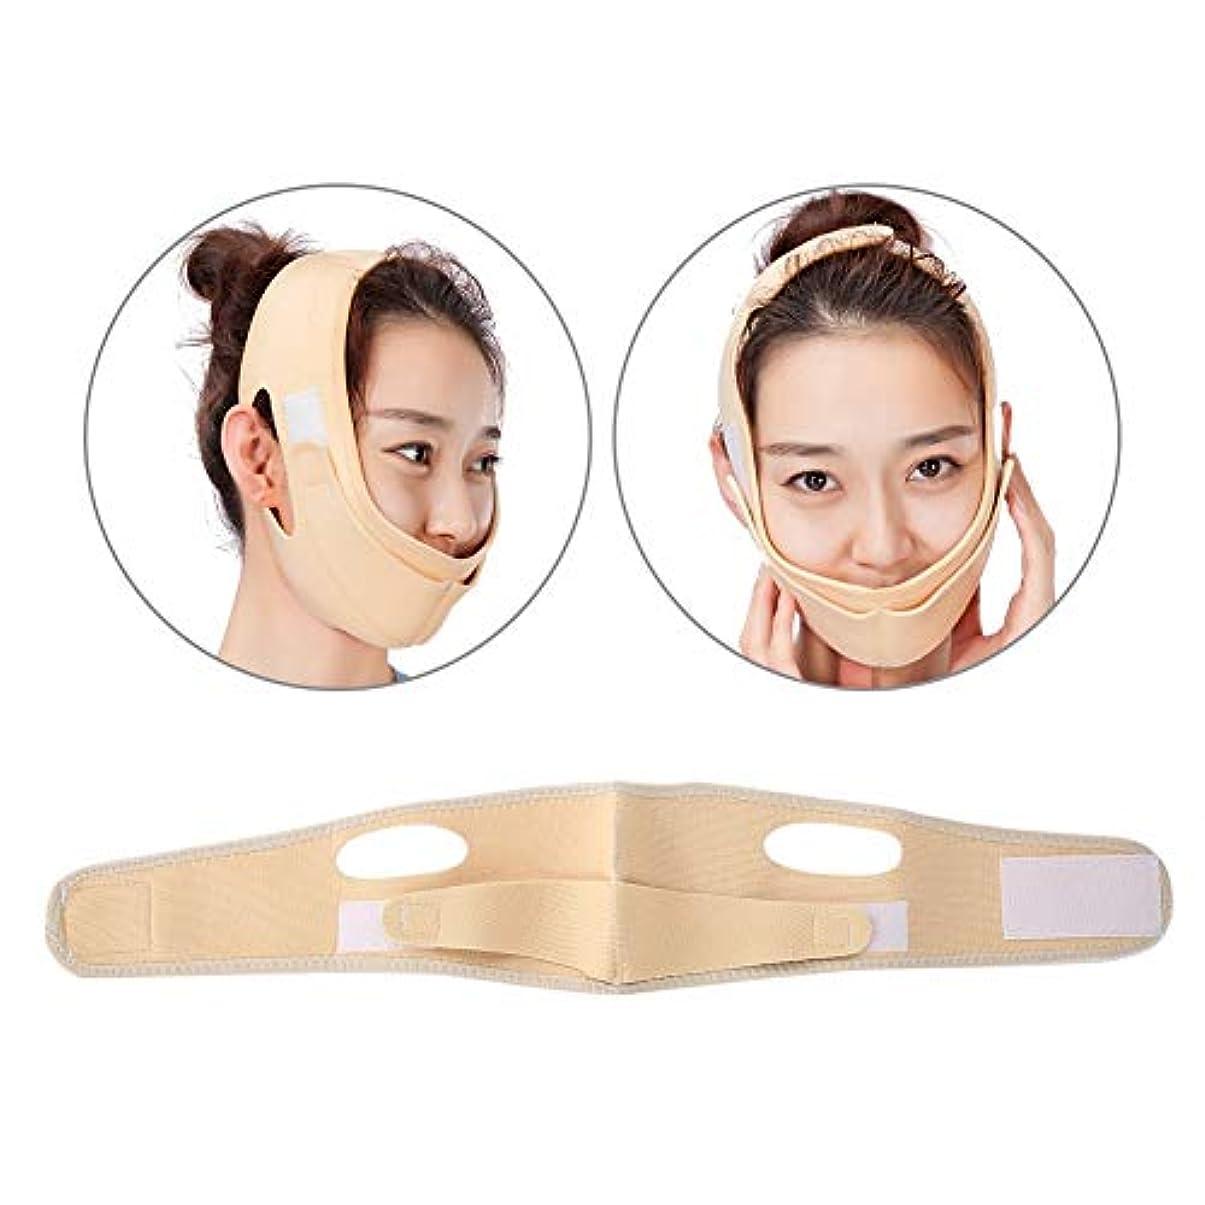 適合公使館麻痺フェイスリフト用 フェイスマスク 顔輪郭を改善する 美容包帯 通気性/伸縮性/変形不可(01)